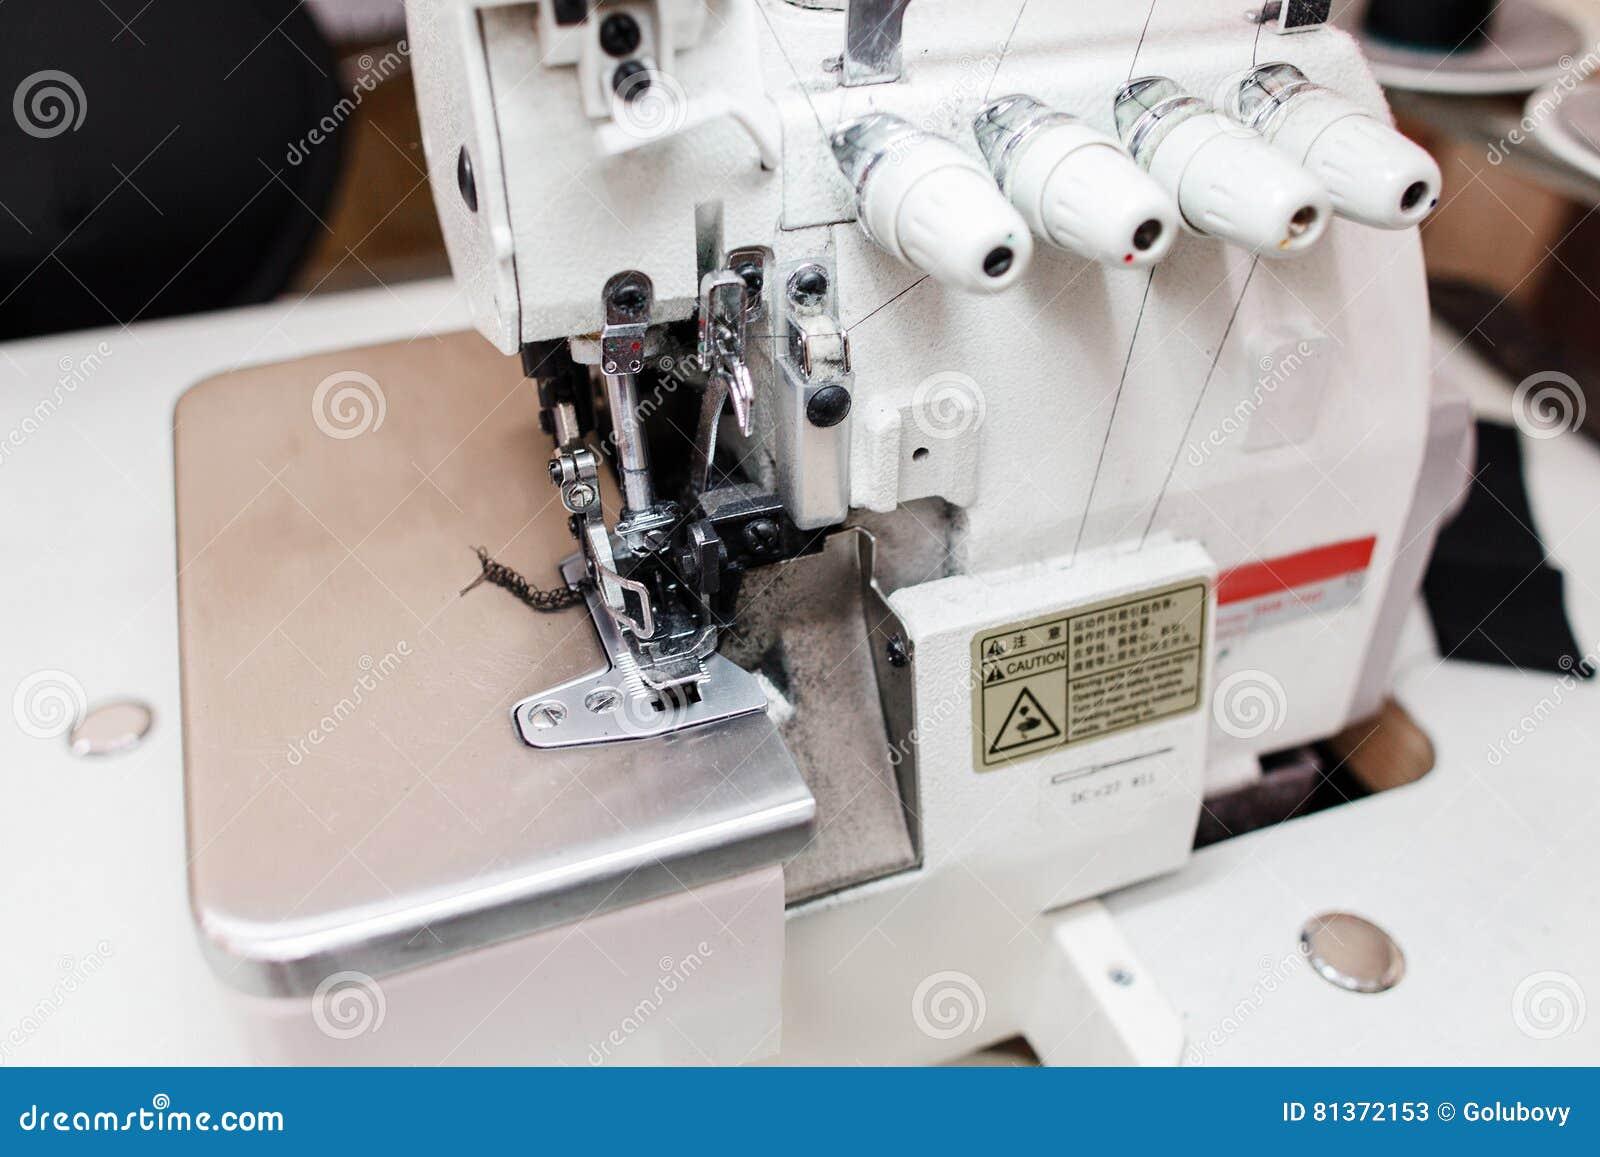 machine coudre d 39 overlock en plan rapproch de bureau de tailleur photo stock image 81372153. Black Bedroom Furniture Sets. Home Design Ideas